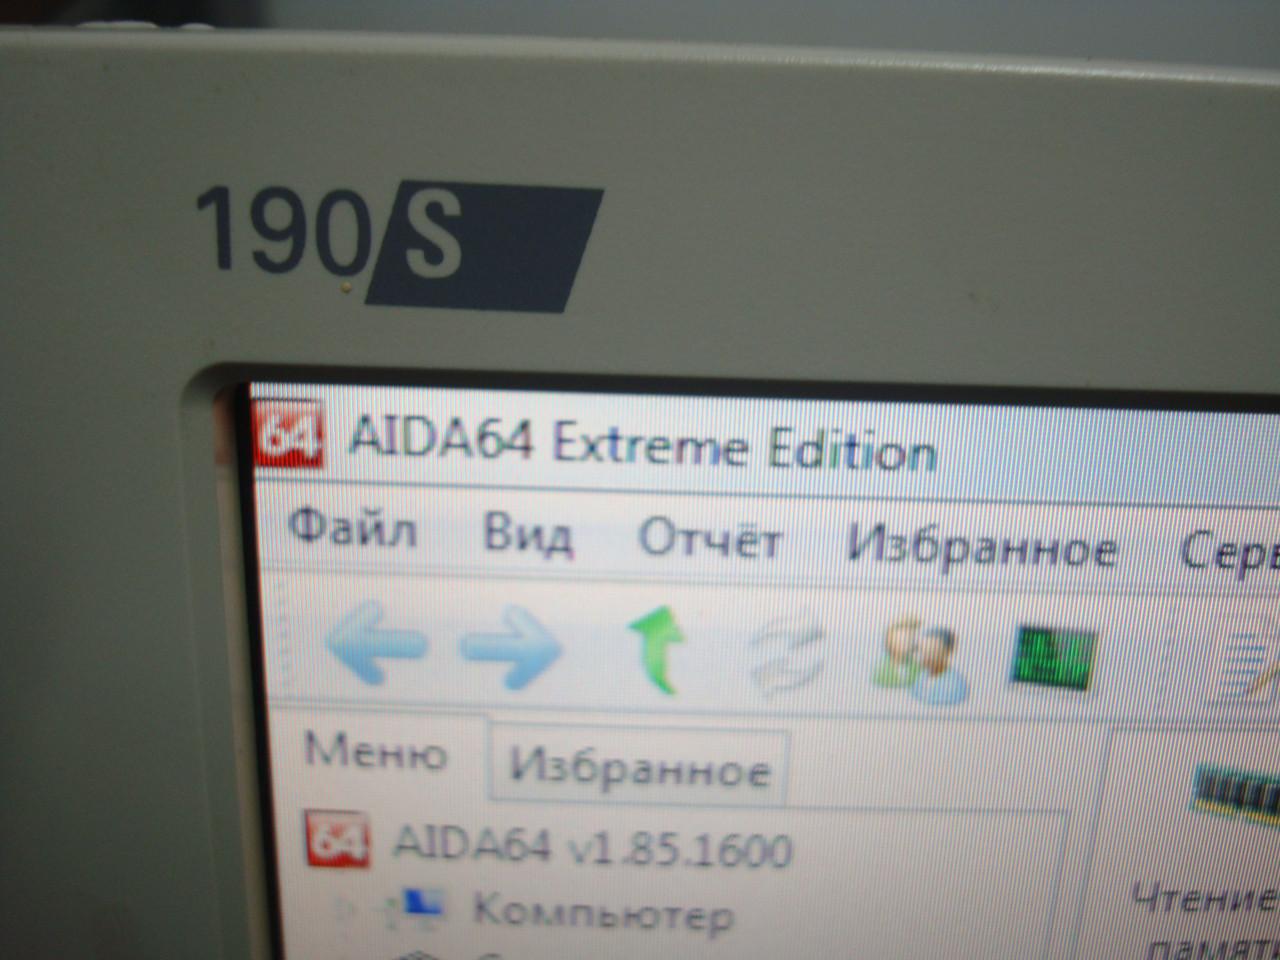 Монитор ЖК 19 Philips 190S с дефектом